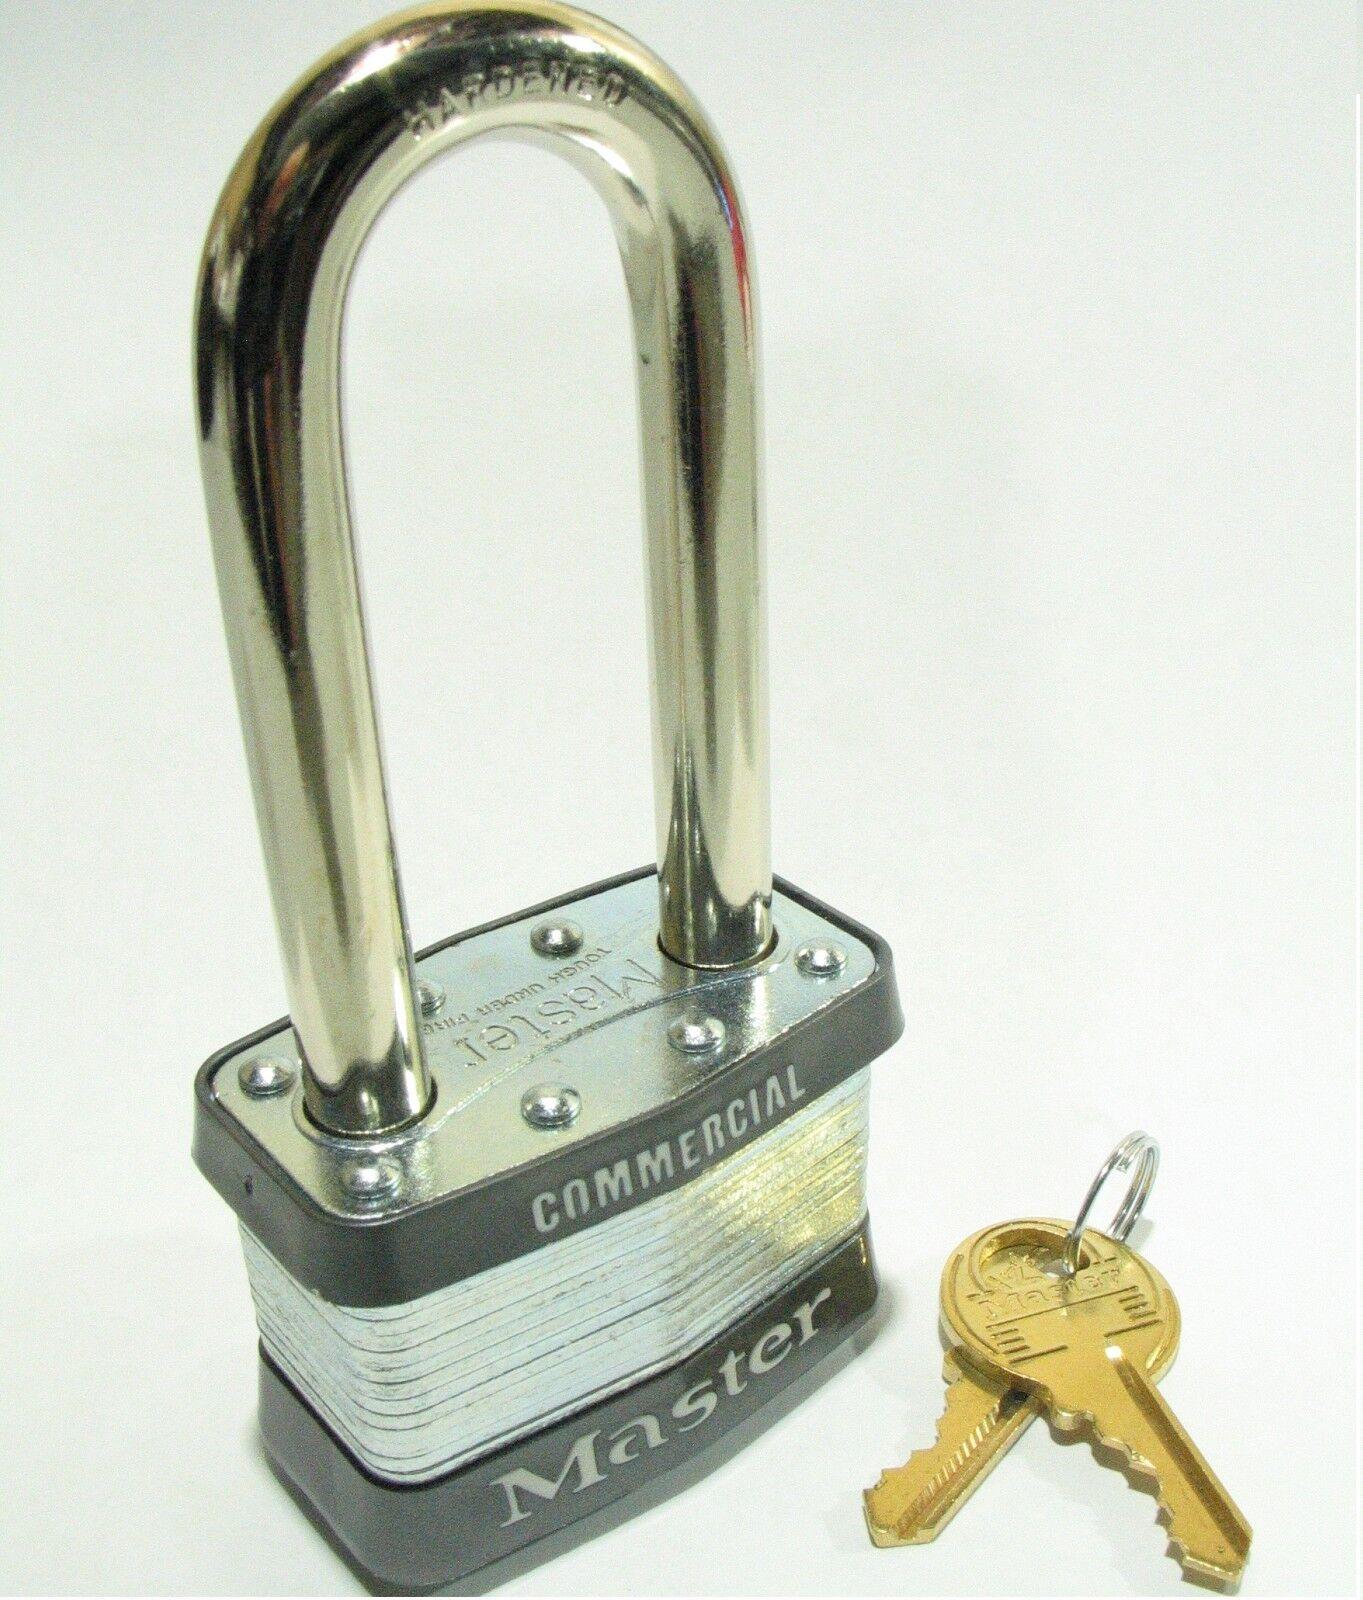 KEYED ALIKE Long Shackle Laminated Padlocks Lot of 6 Lock Set by Master 5KALJ